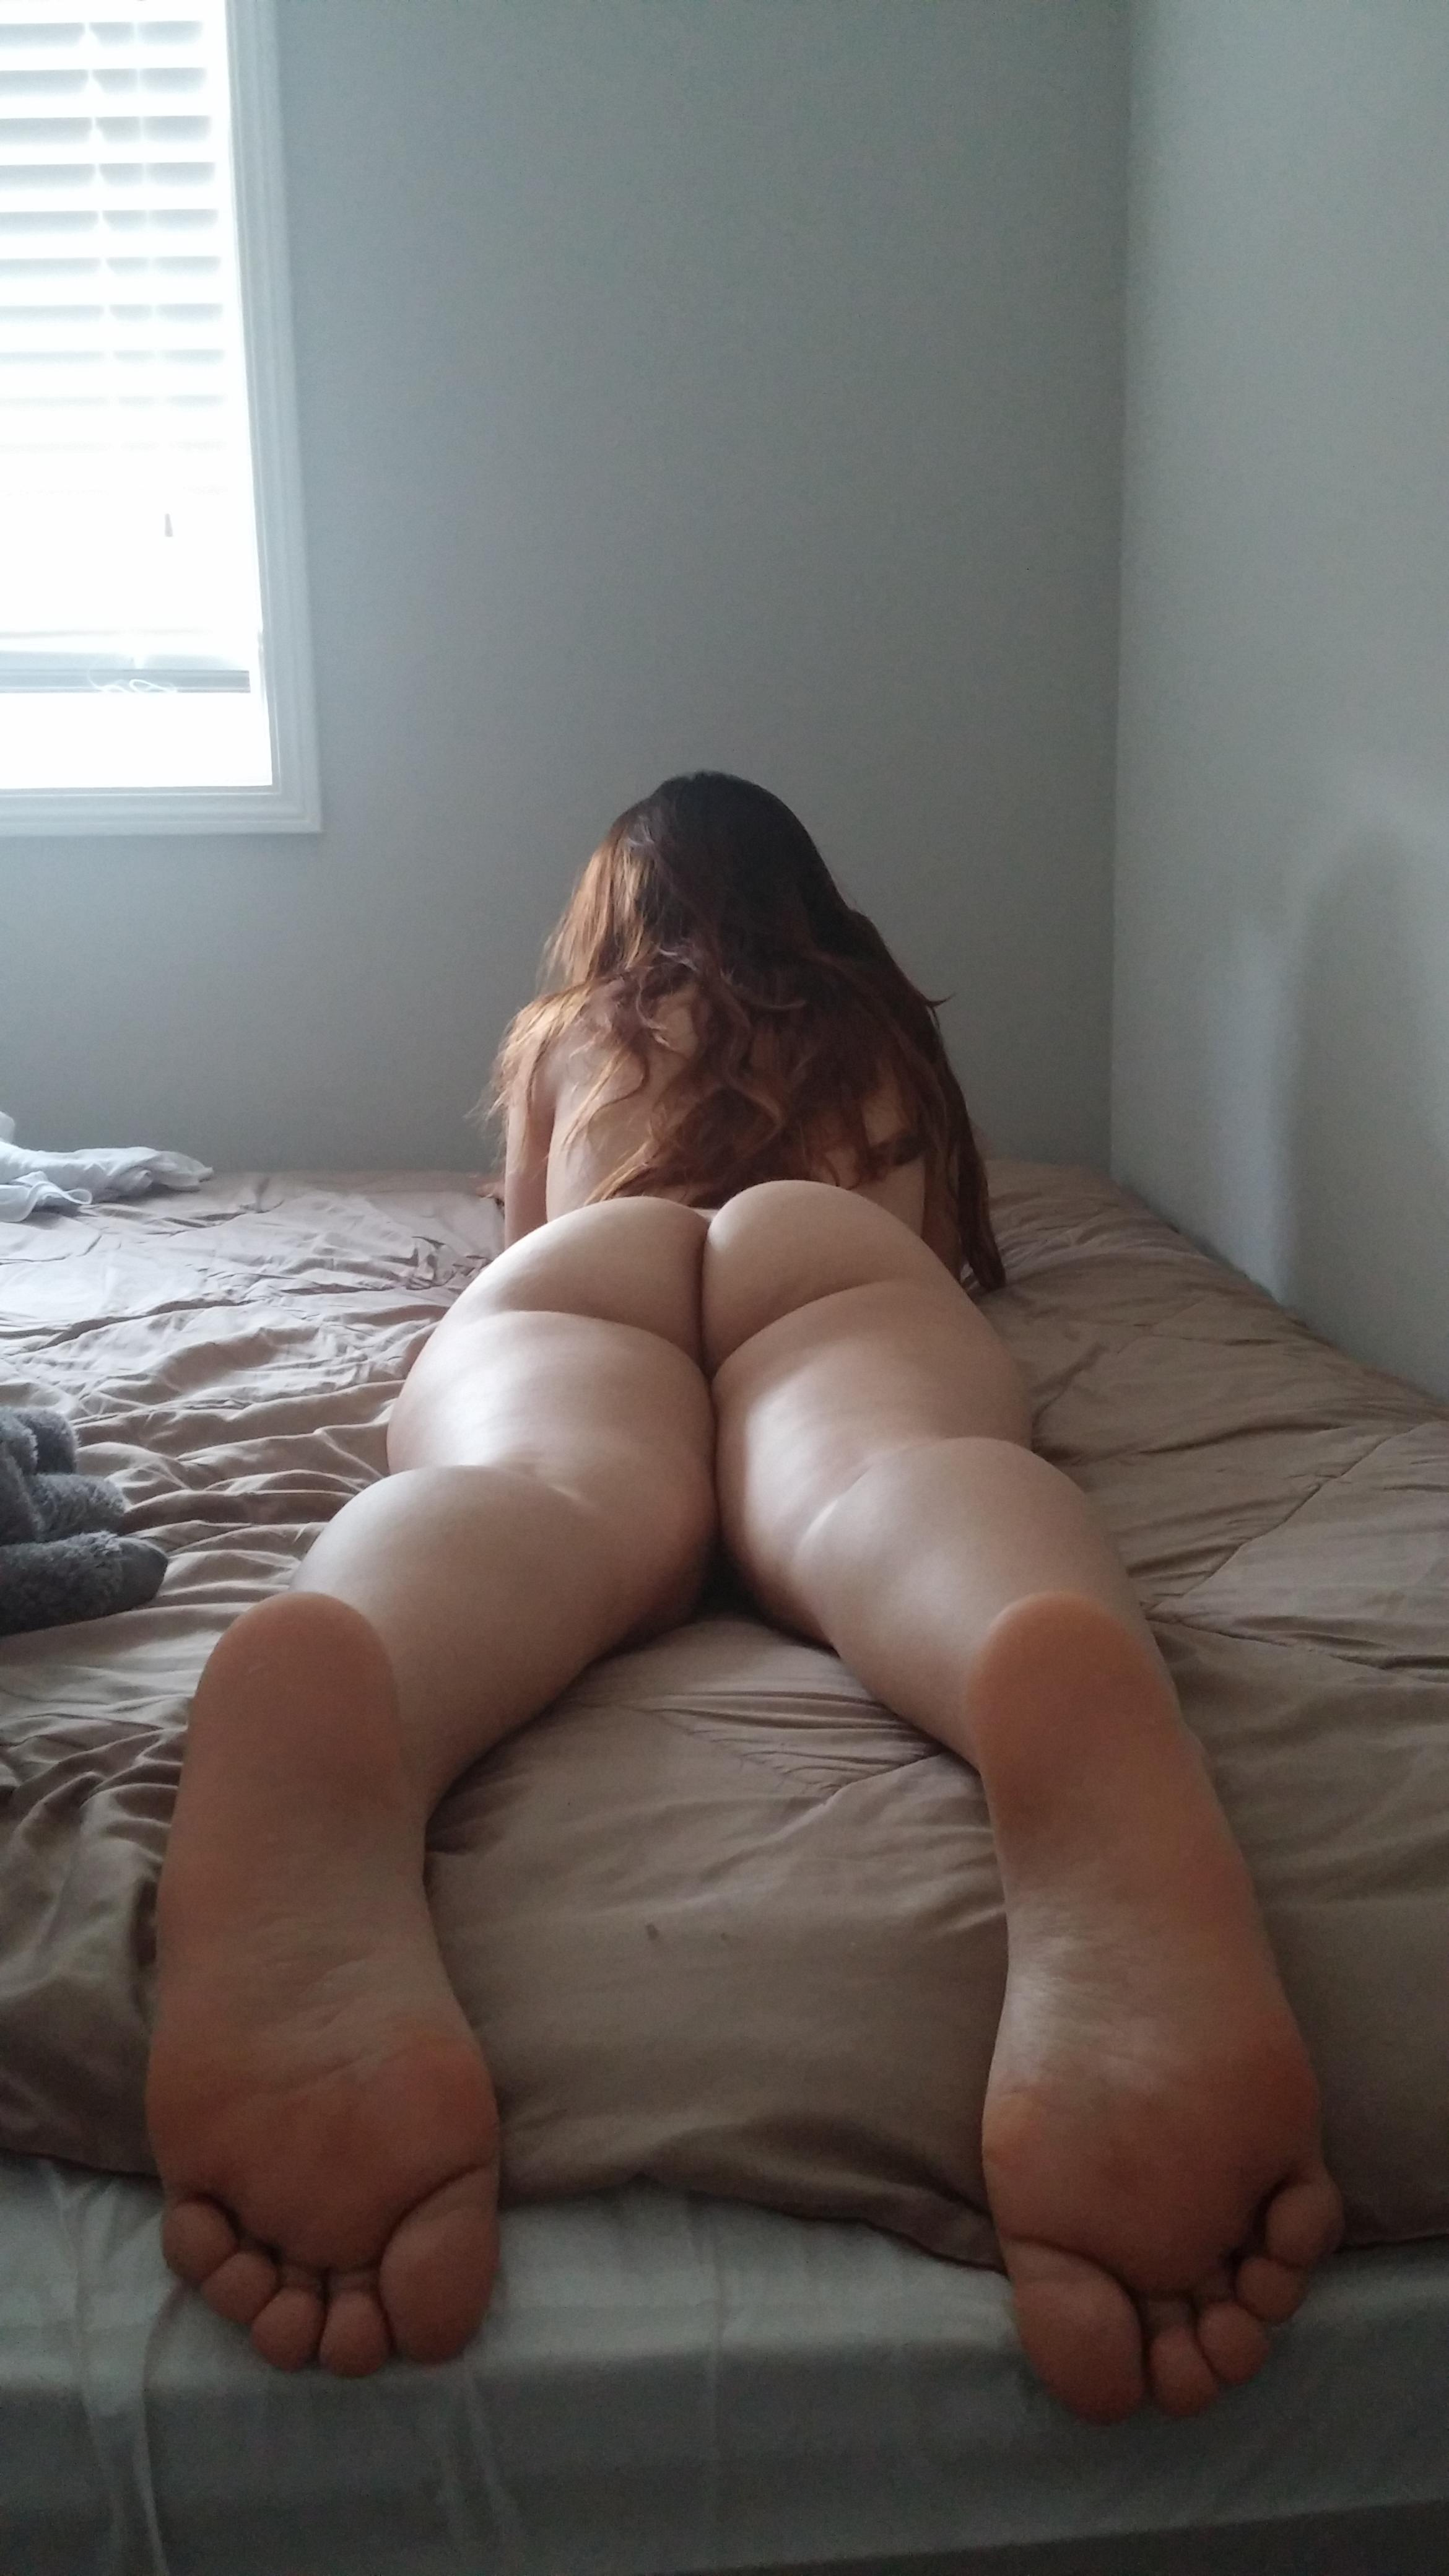 Просмотр утреннего порно, порнозвезда никки разделась видео